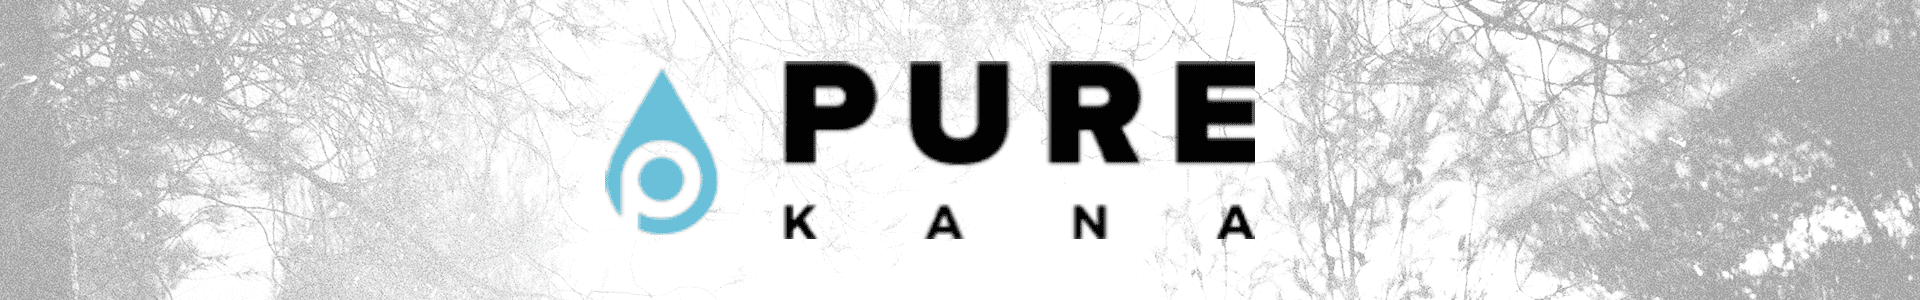 Buy PureKana CBD Online